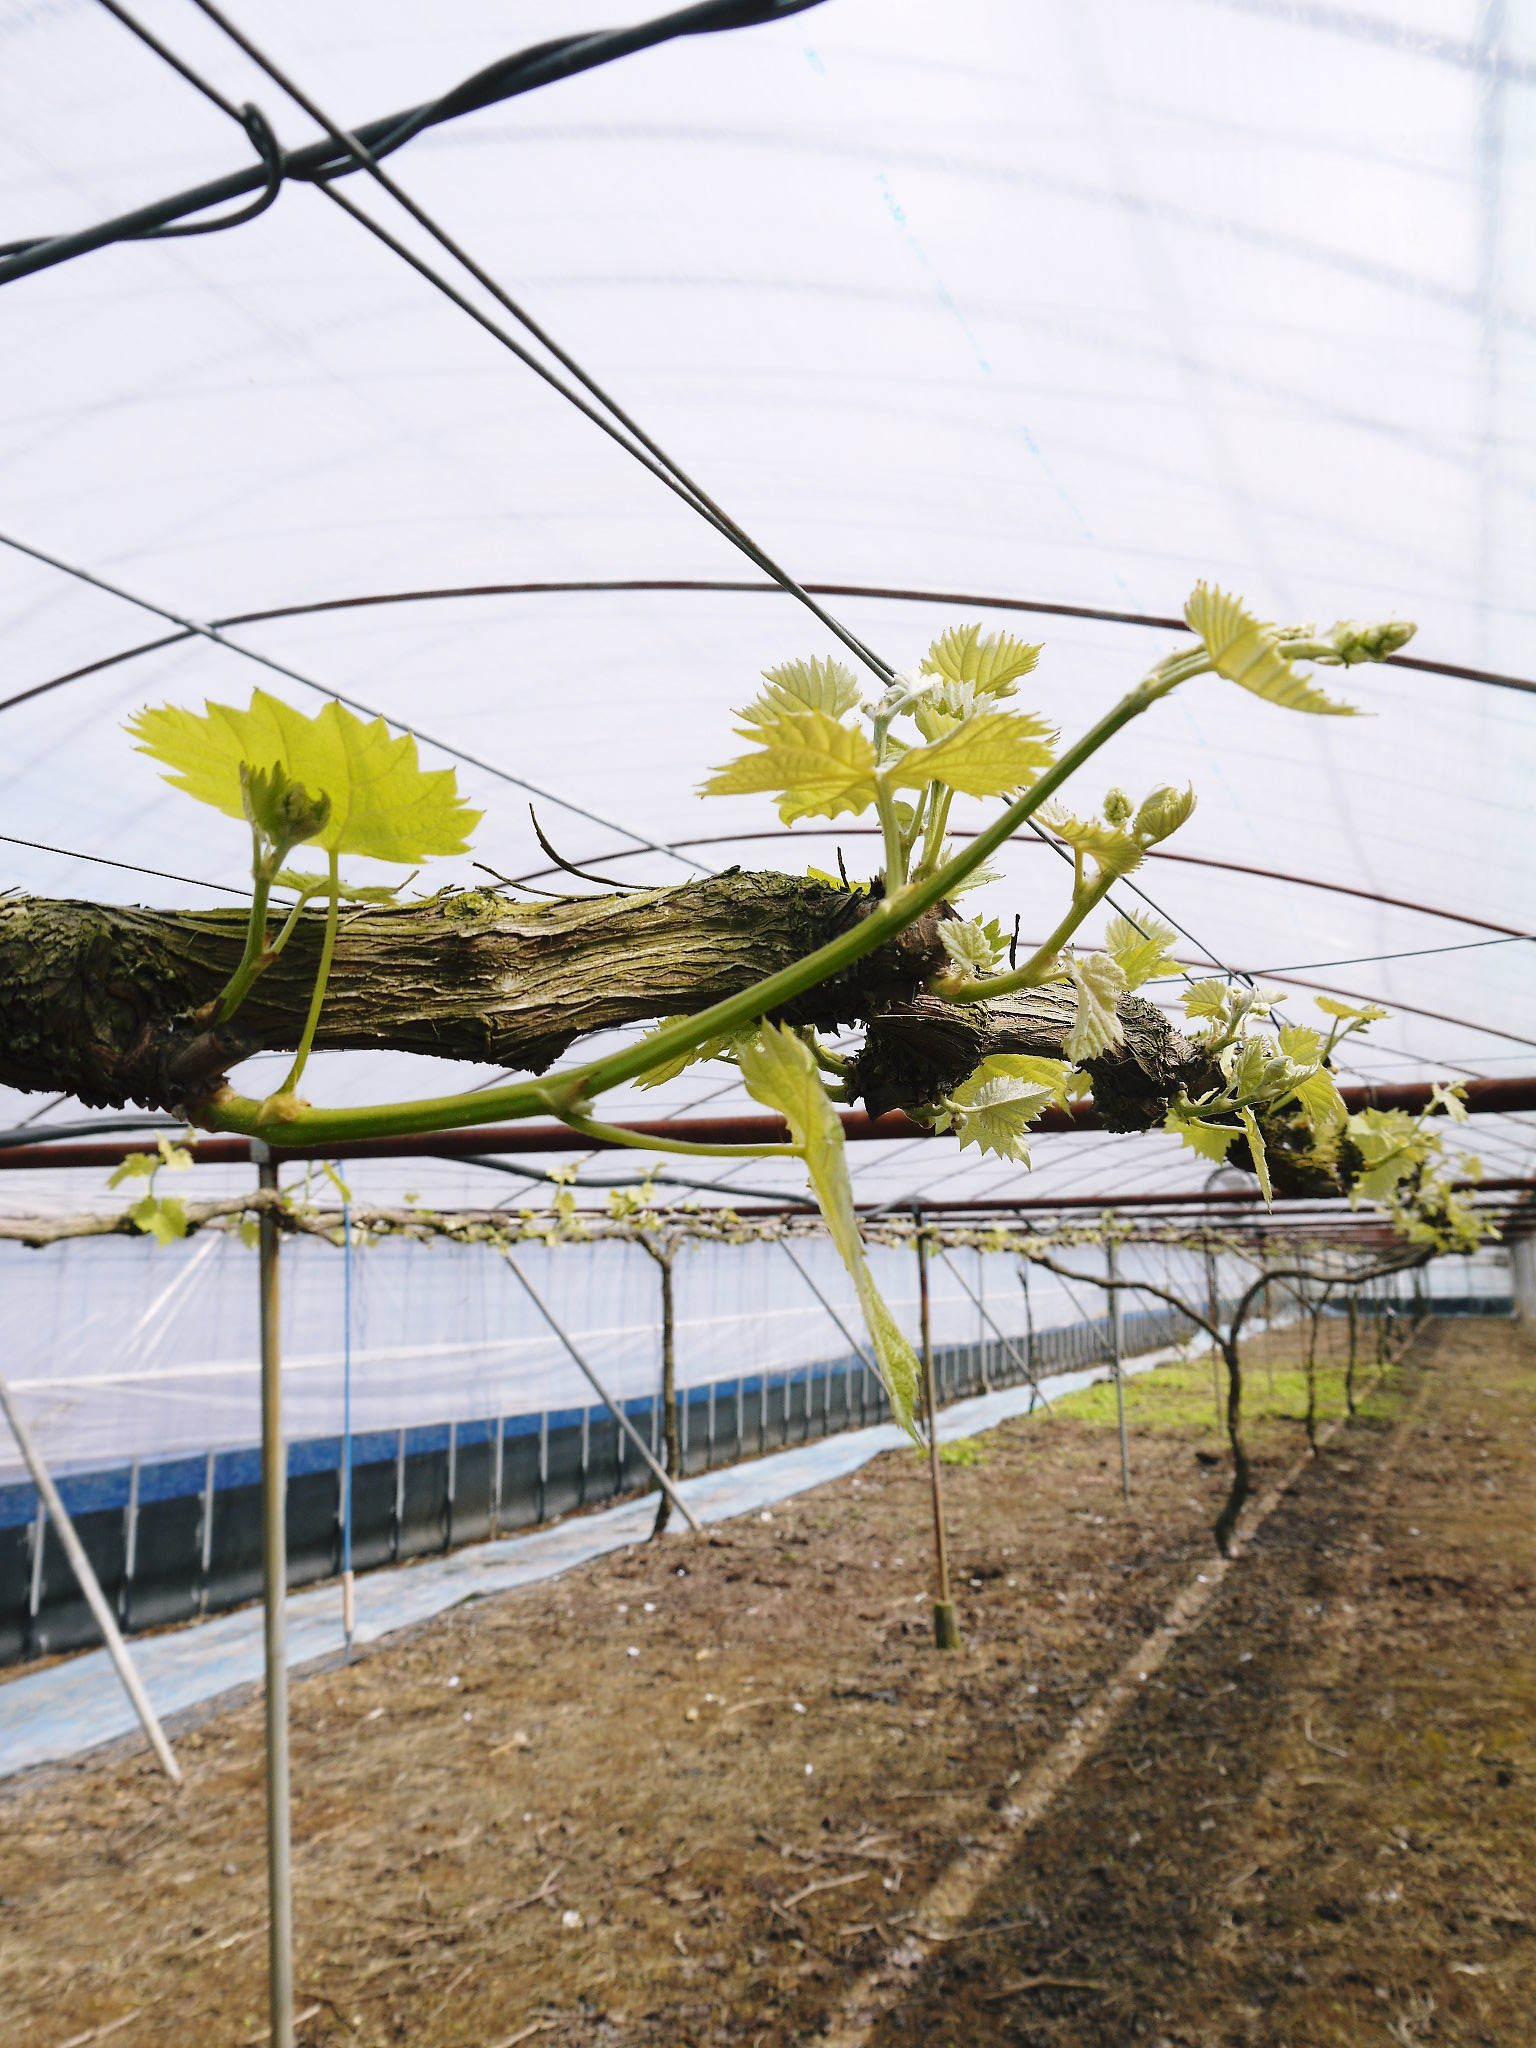 熊本ぶどう 社方園 芽吹き2020 前編:匠の芽キズをつける作業で今年も良い芽が芽吹きました!_a0254656_17052309.jpg